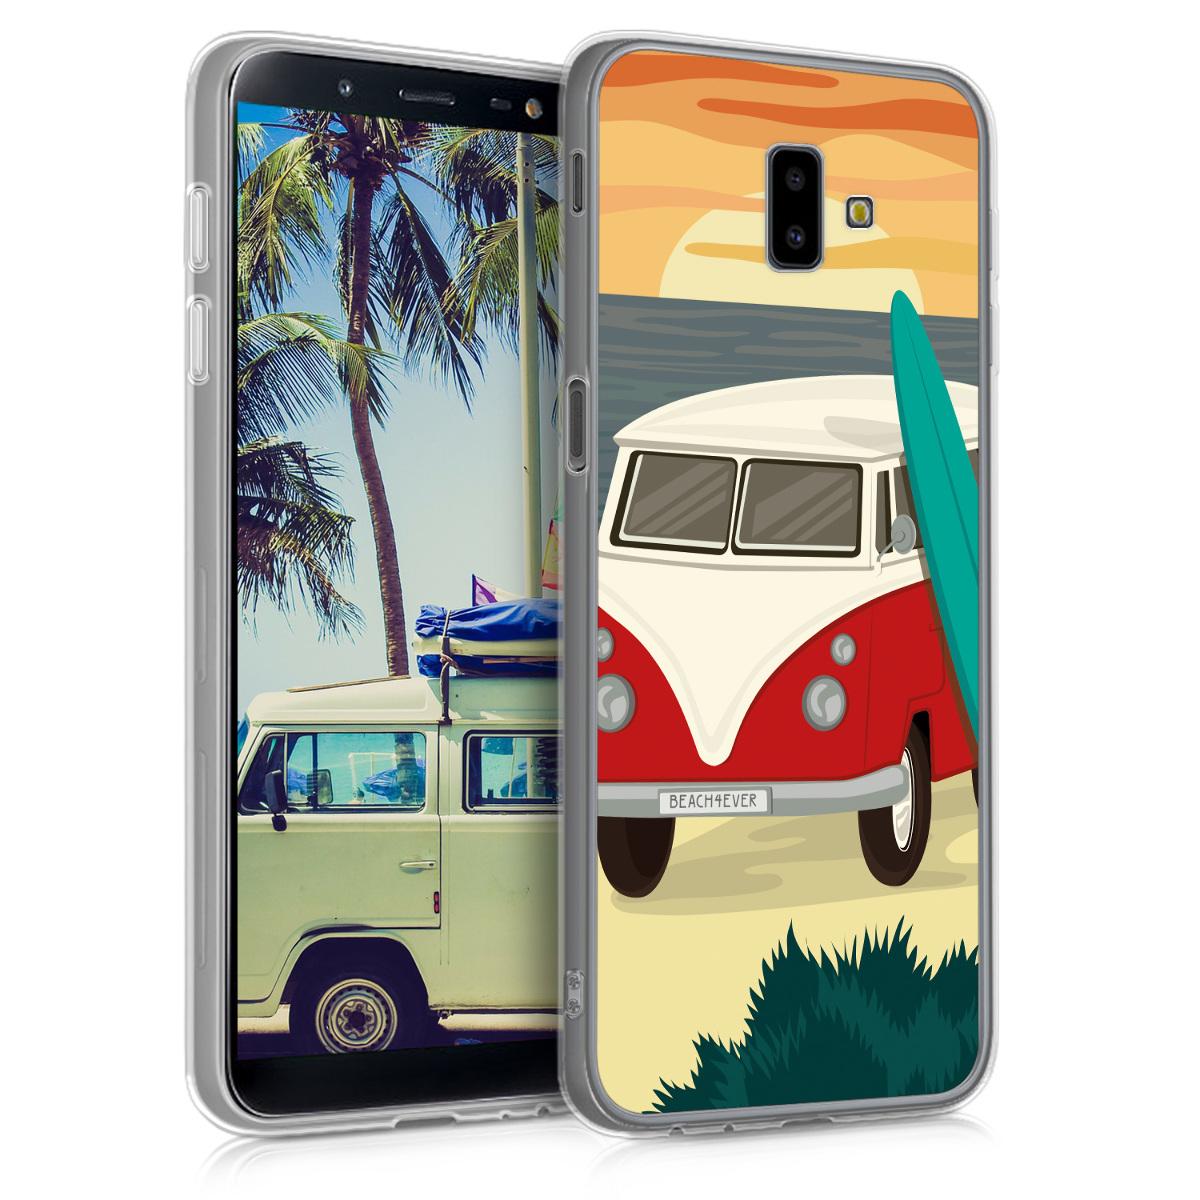 Kvalitní silikonové TPU pouzdro pro Samsung J6+ | J6 Plus DUOS - Campervan Paradiso červené / tyrkysové / oranžové